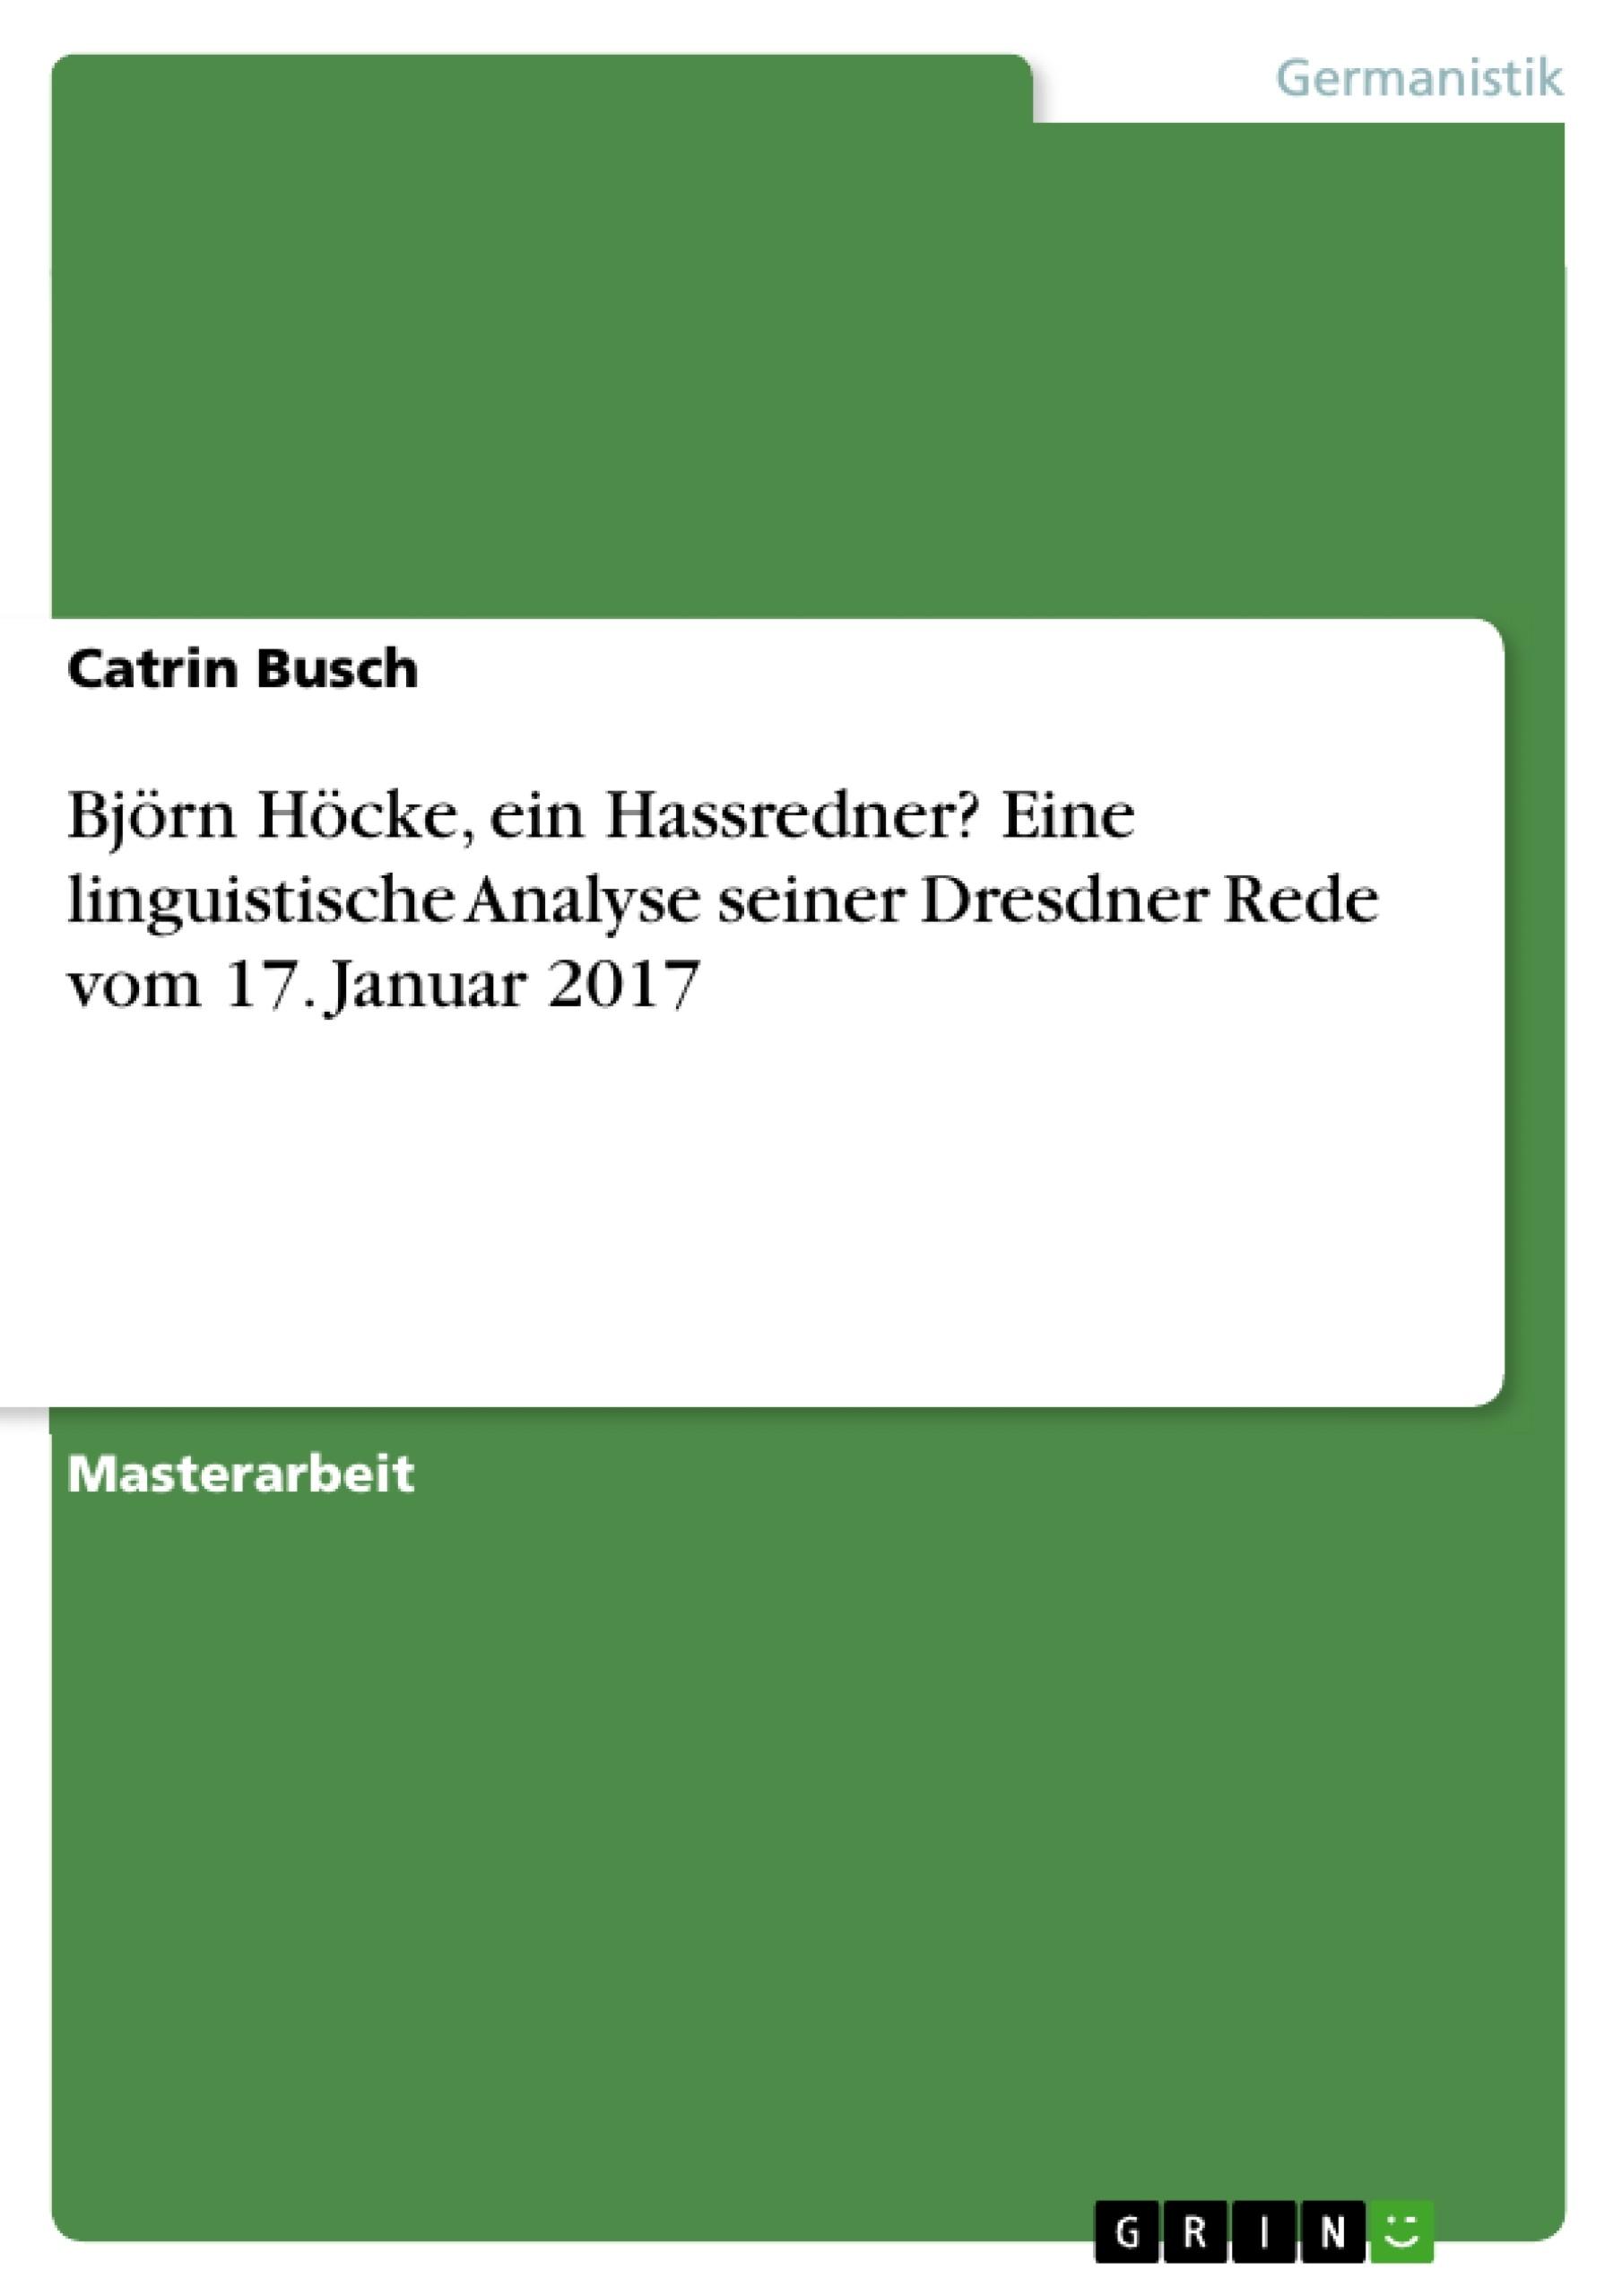 Titel: Björn Höcke, ein Hassredner? Eine linguistische Analyse seiner Dresdner Rede vom 17. Januar 2017